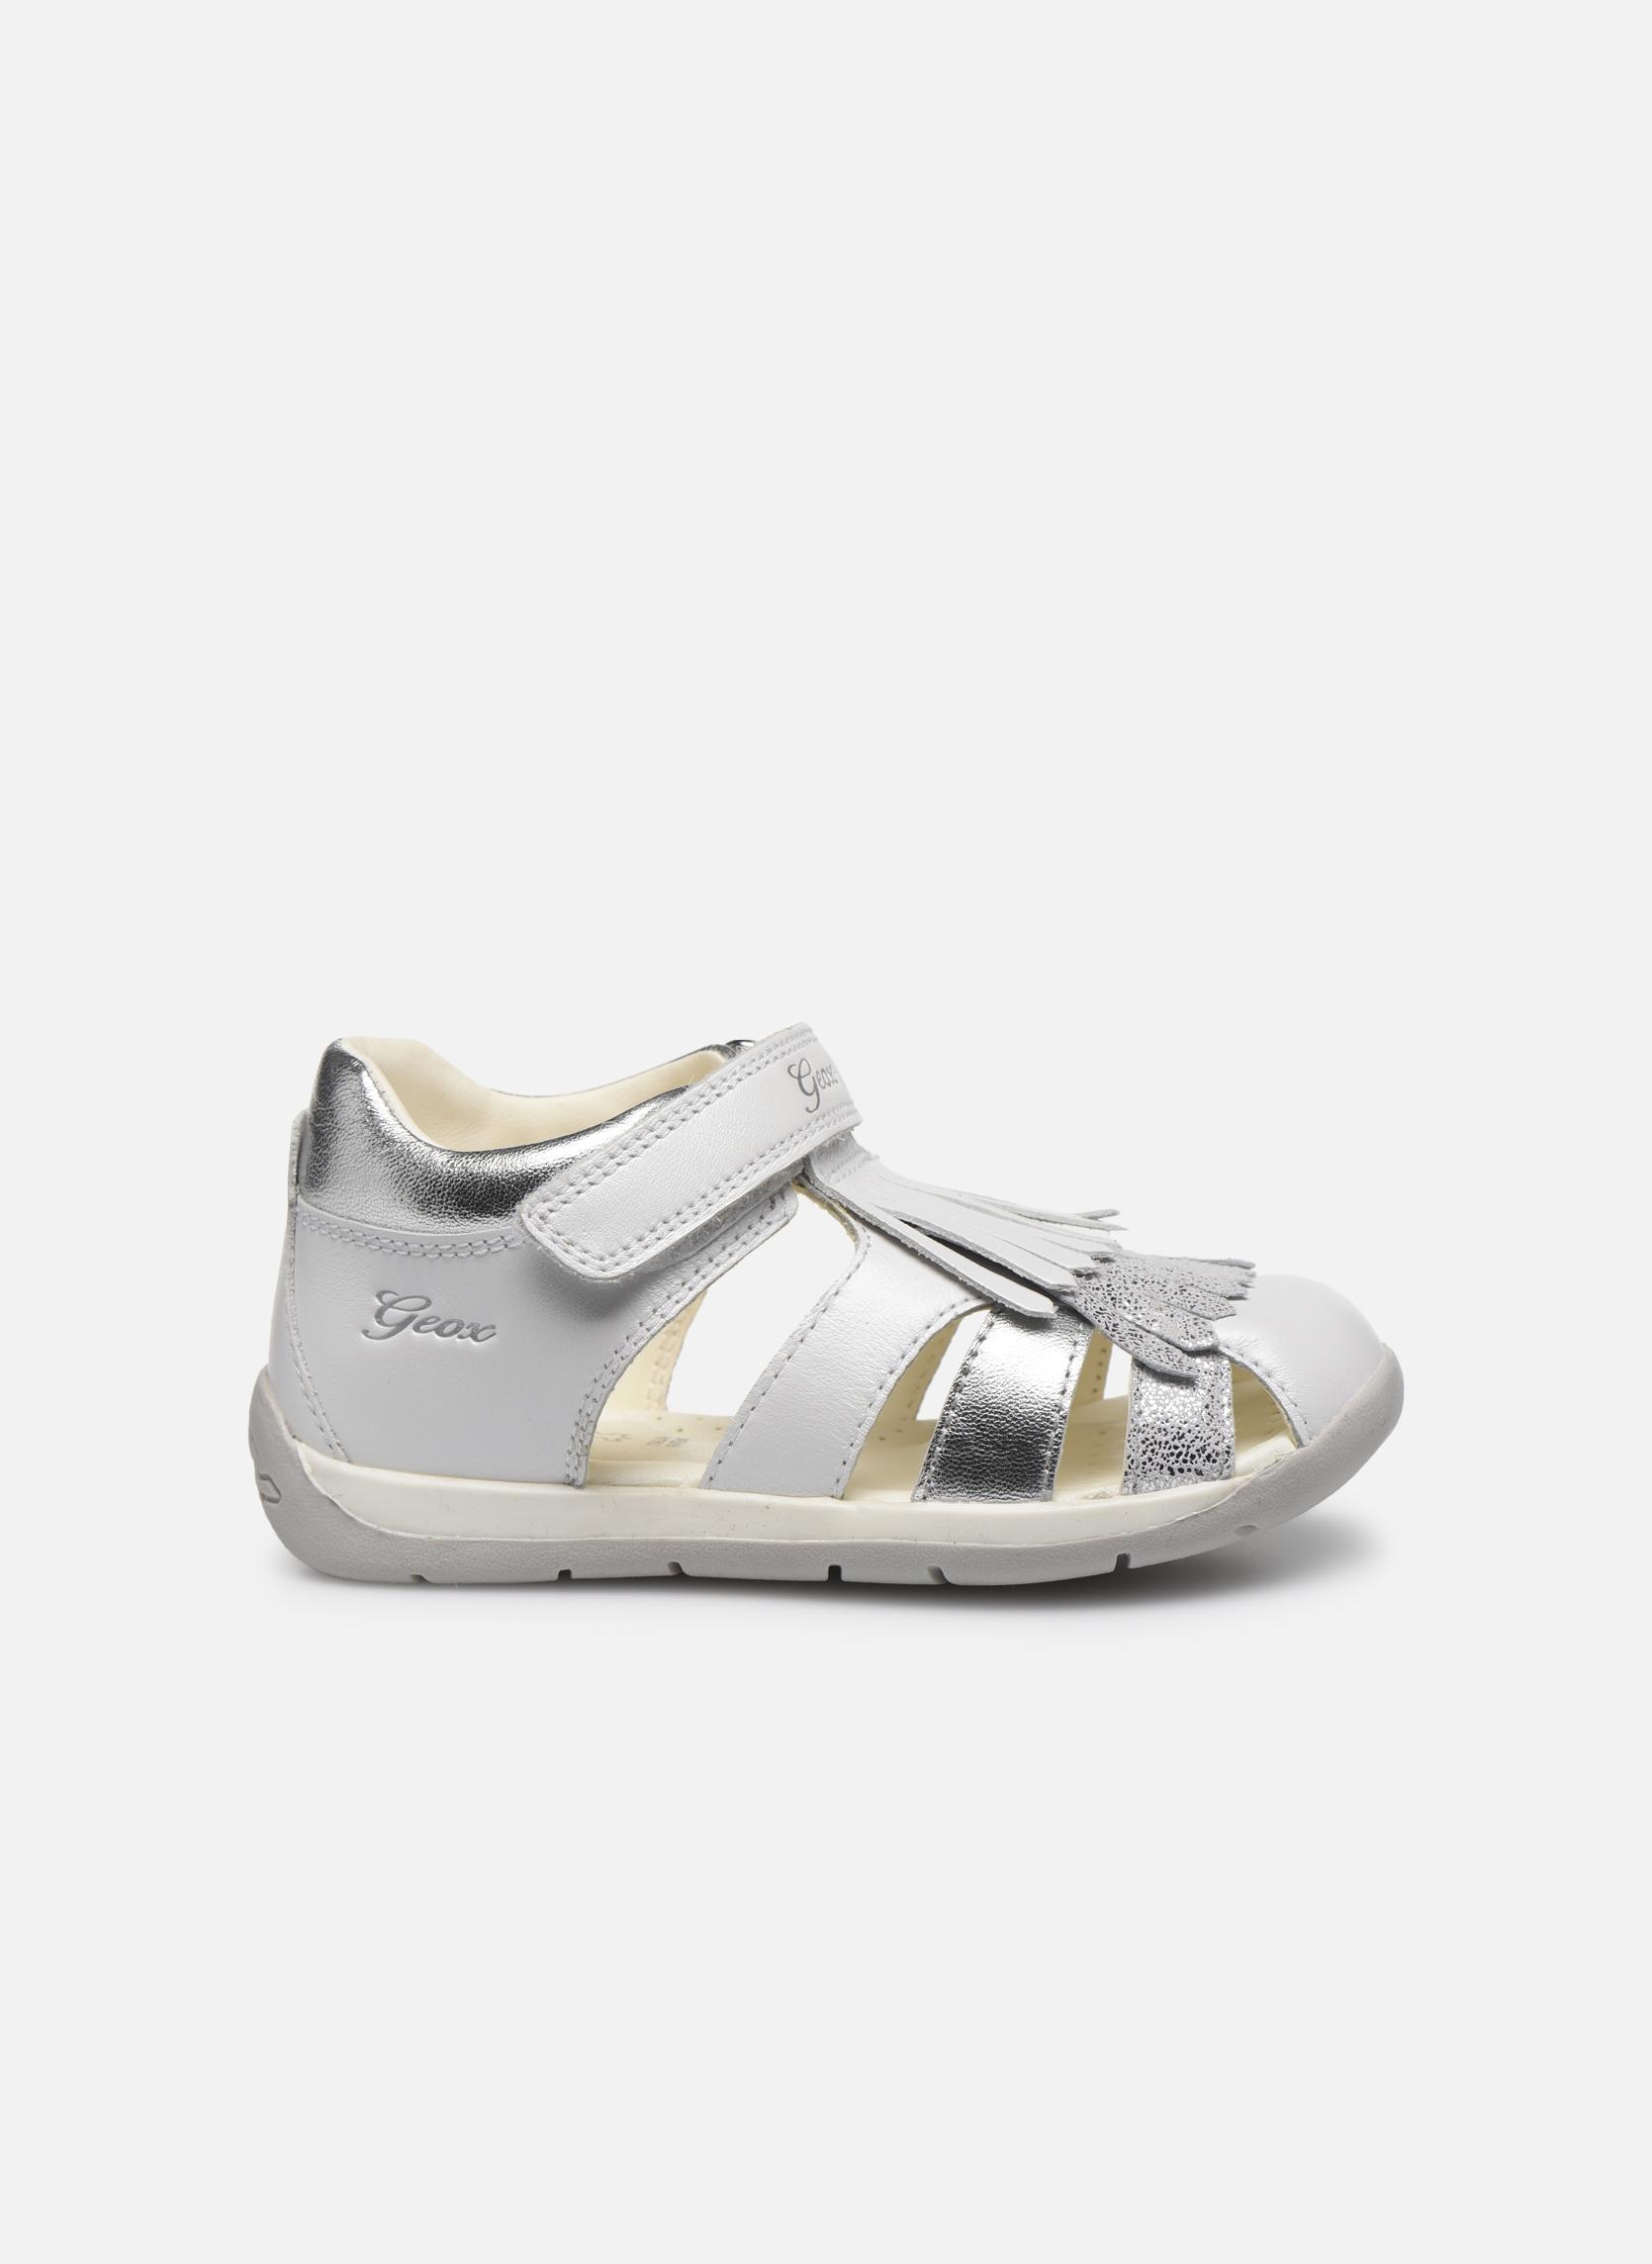 B Each G. E B720AE White/silver